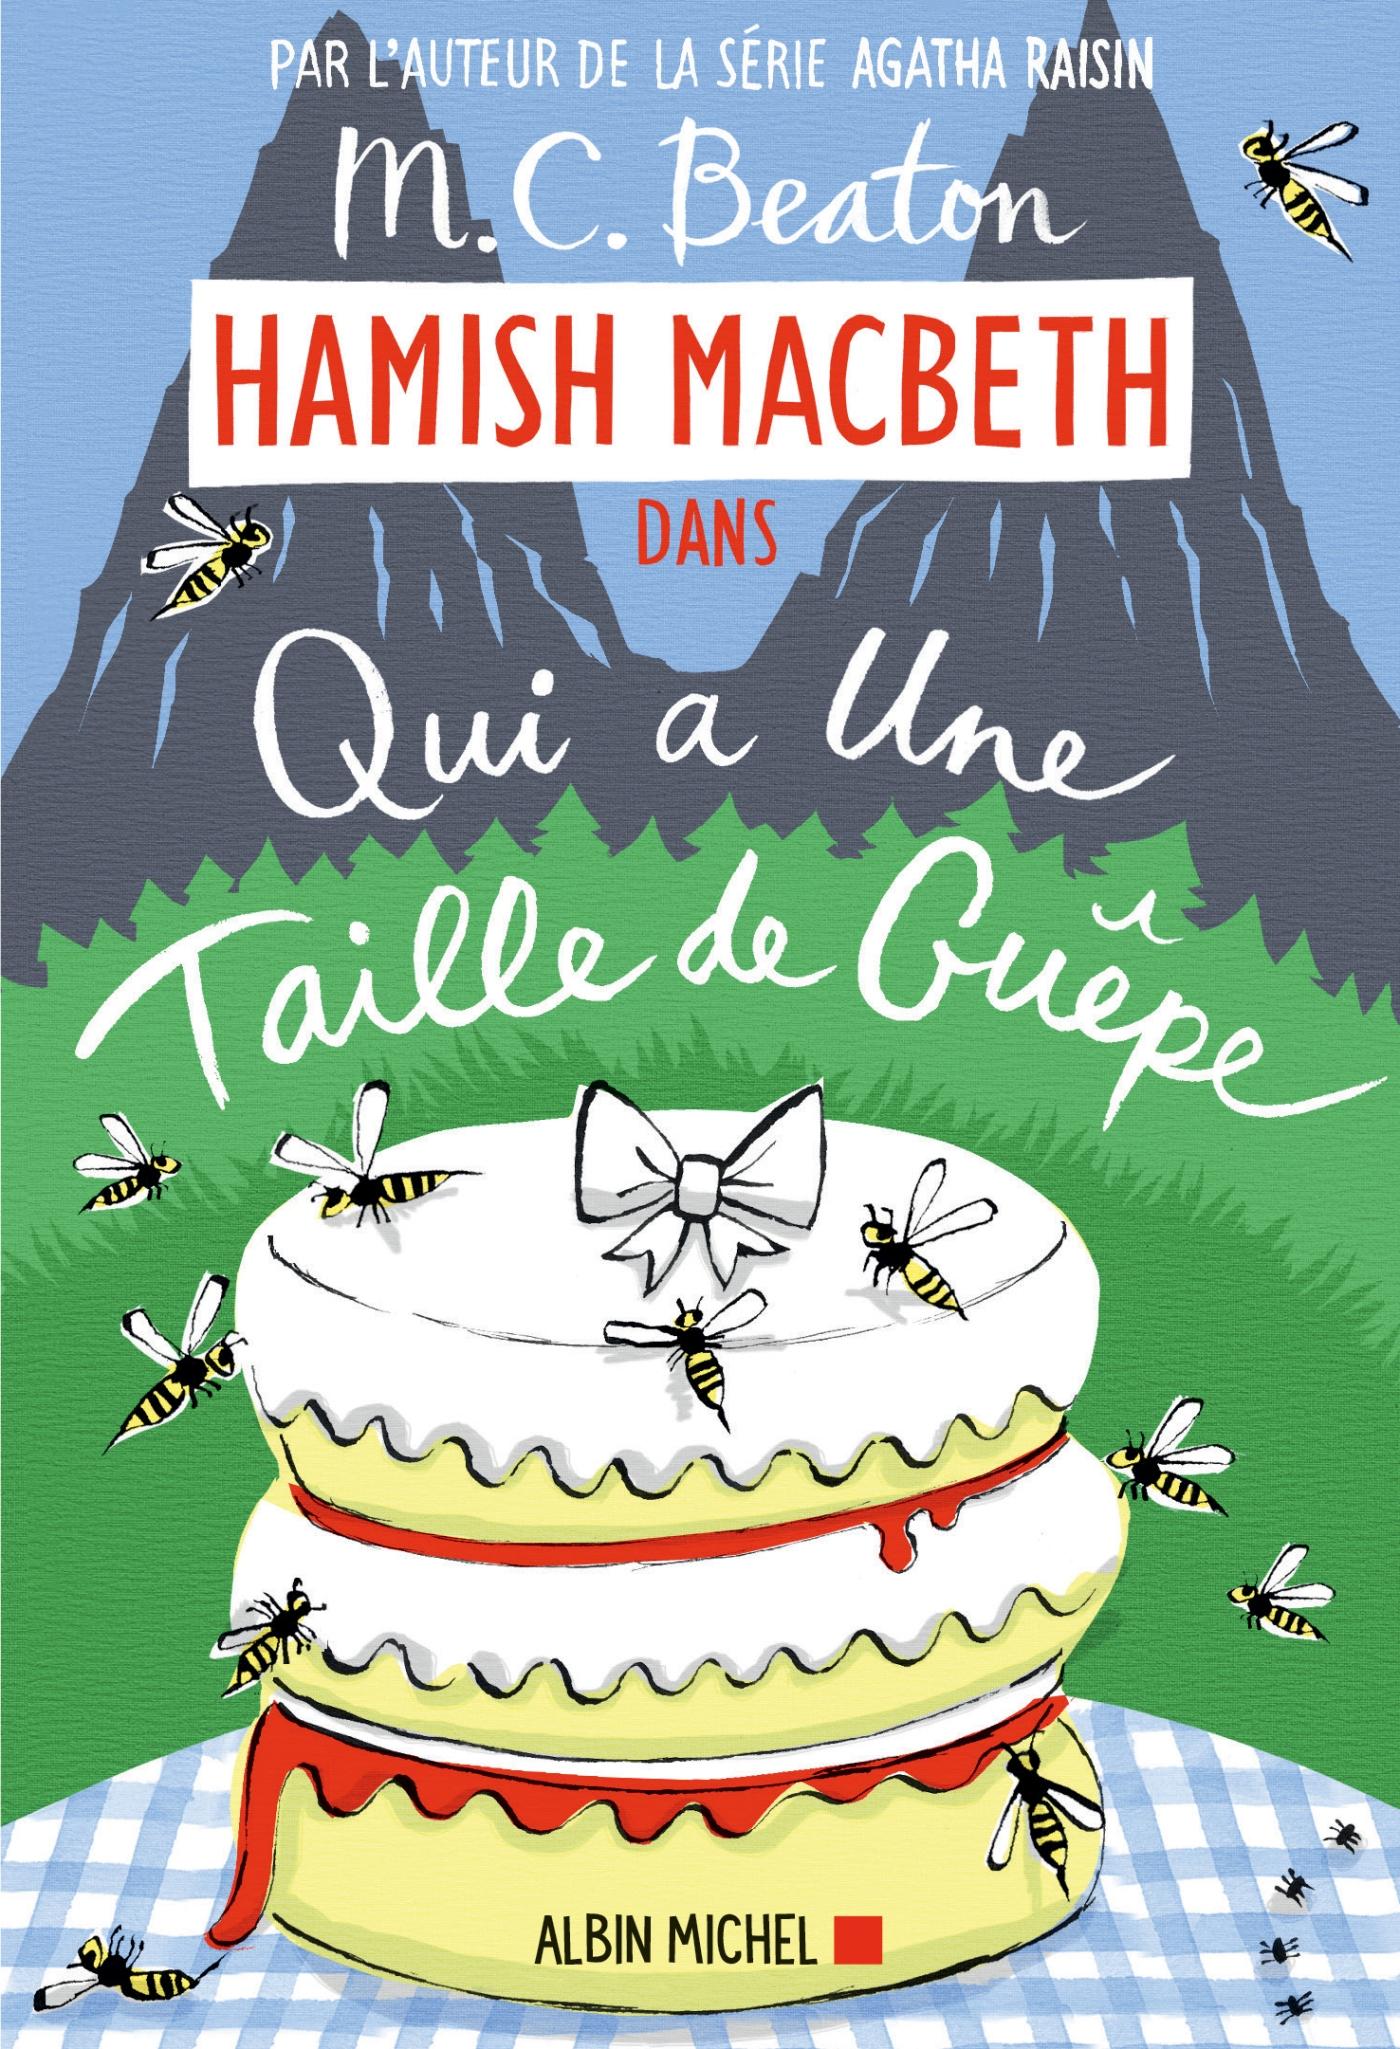 Hamish Macbeth 4 - Qui a une taille de guêpe | Beaton, M. C.. Auteur